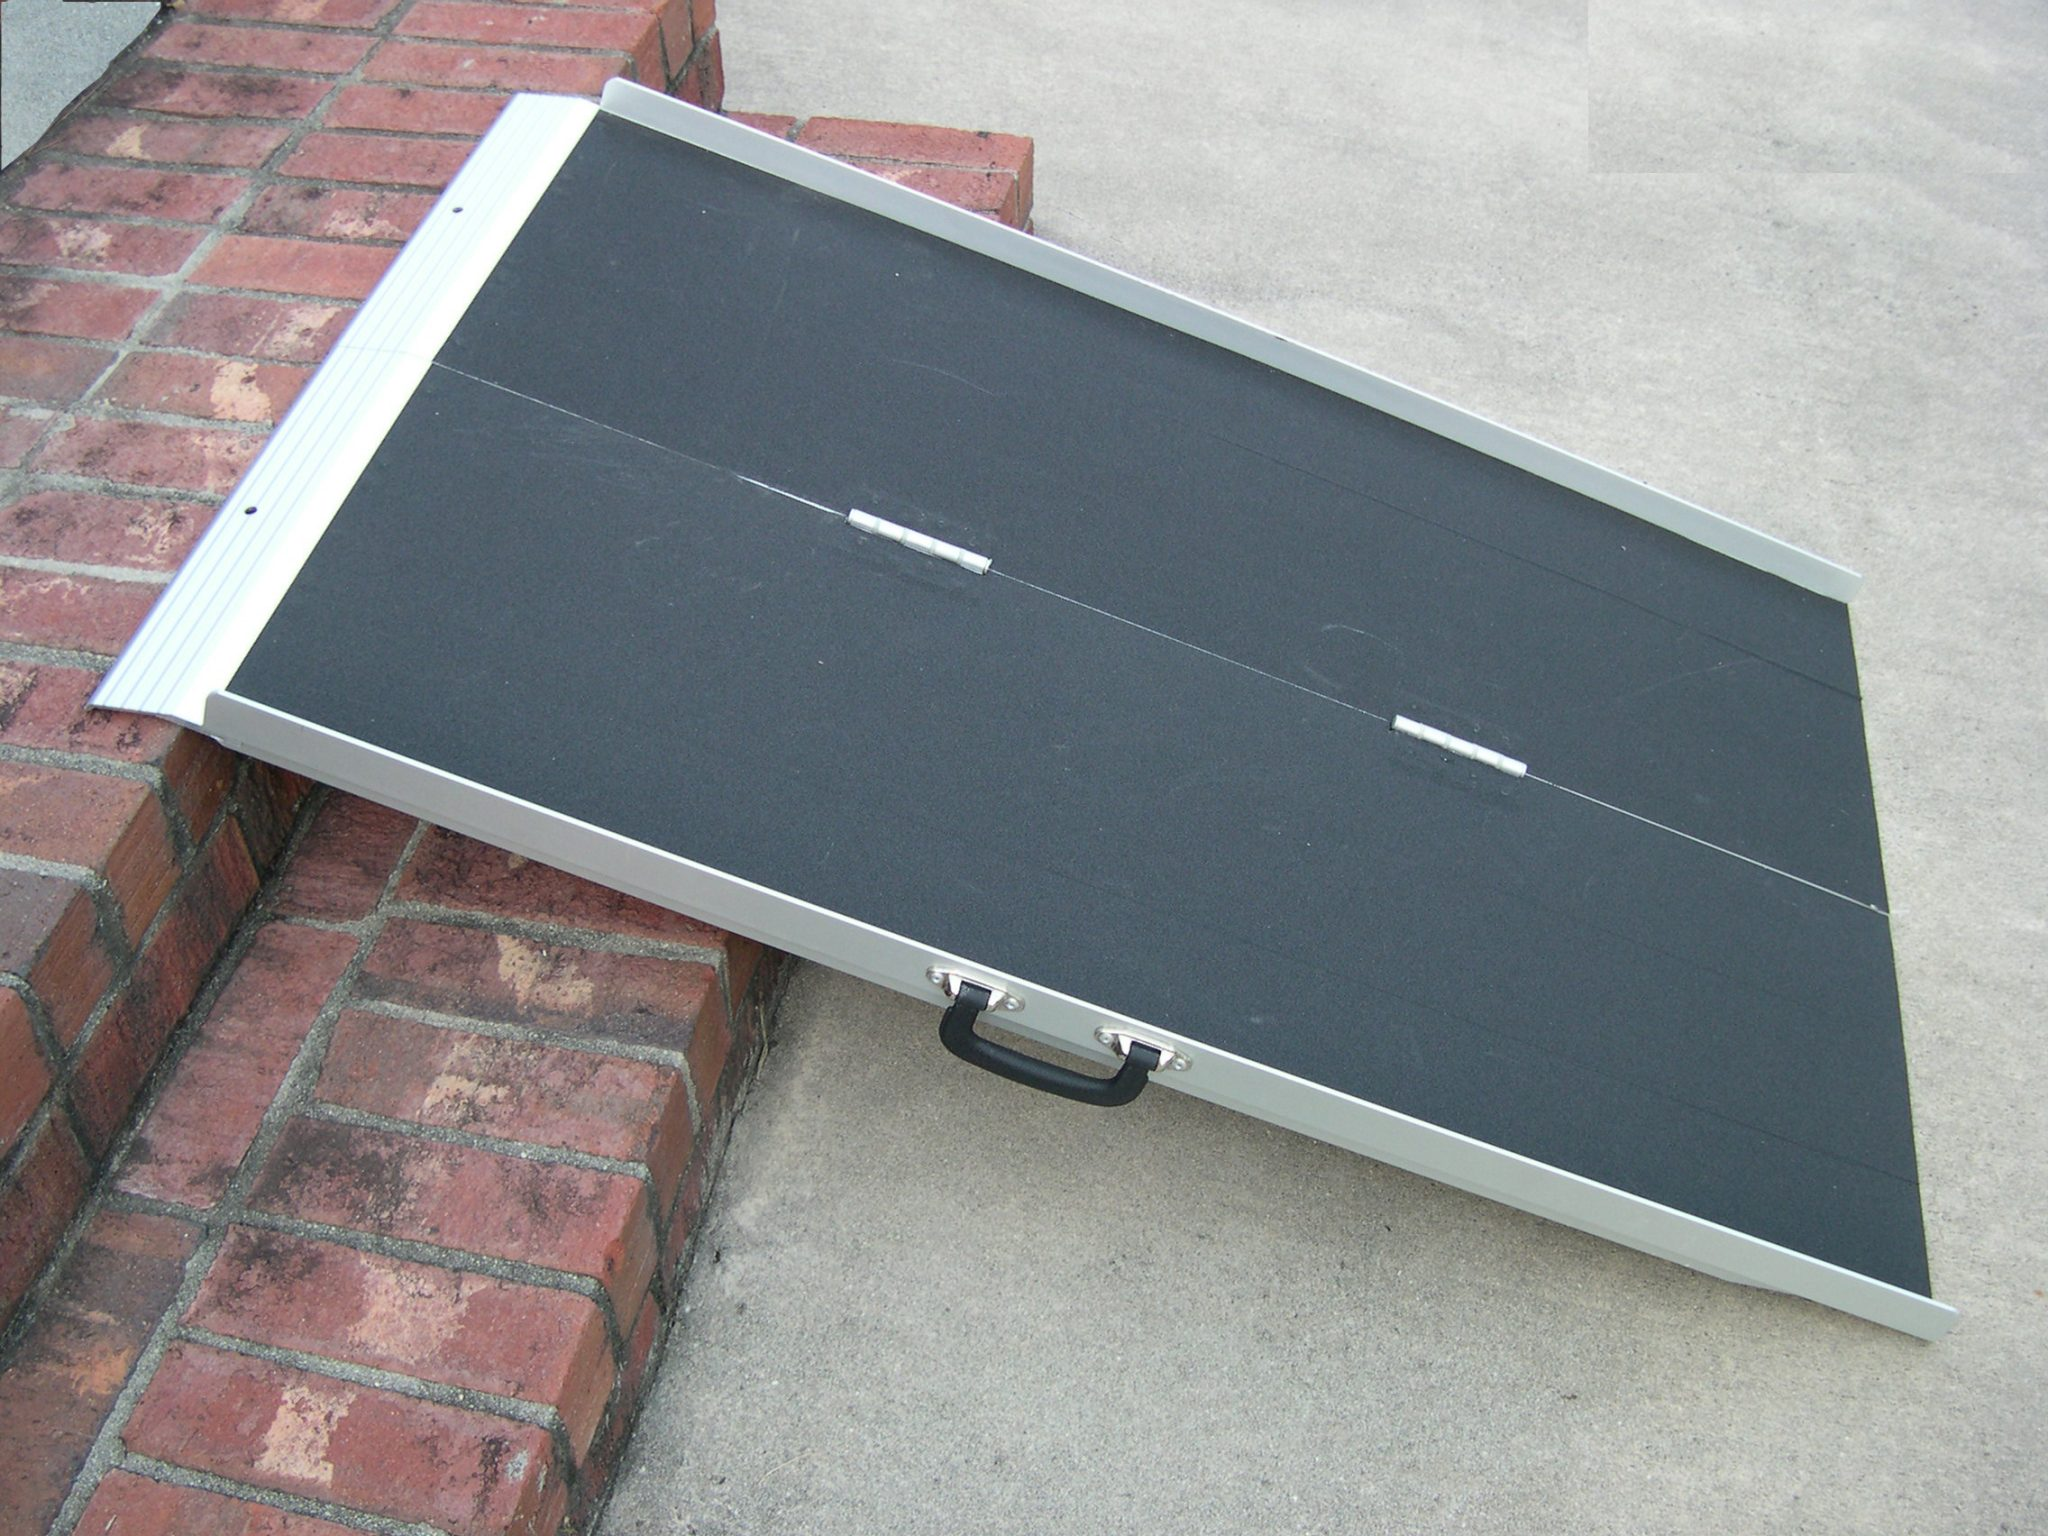 4 Literamp Portable Suitcase Ramp